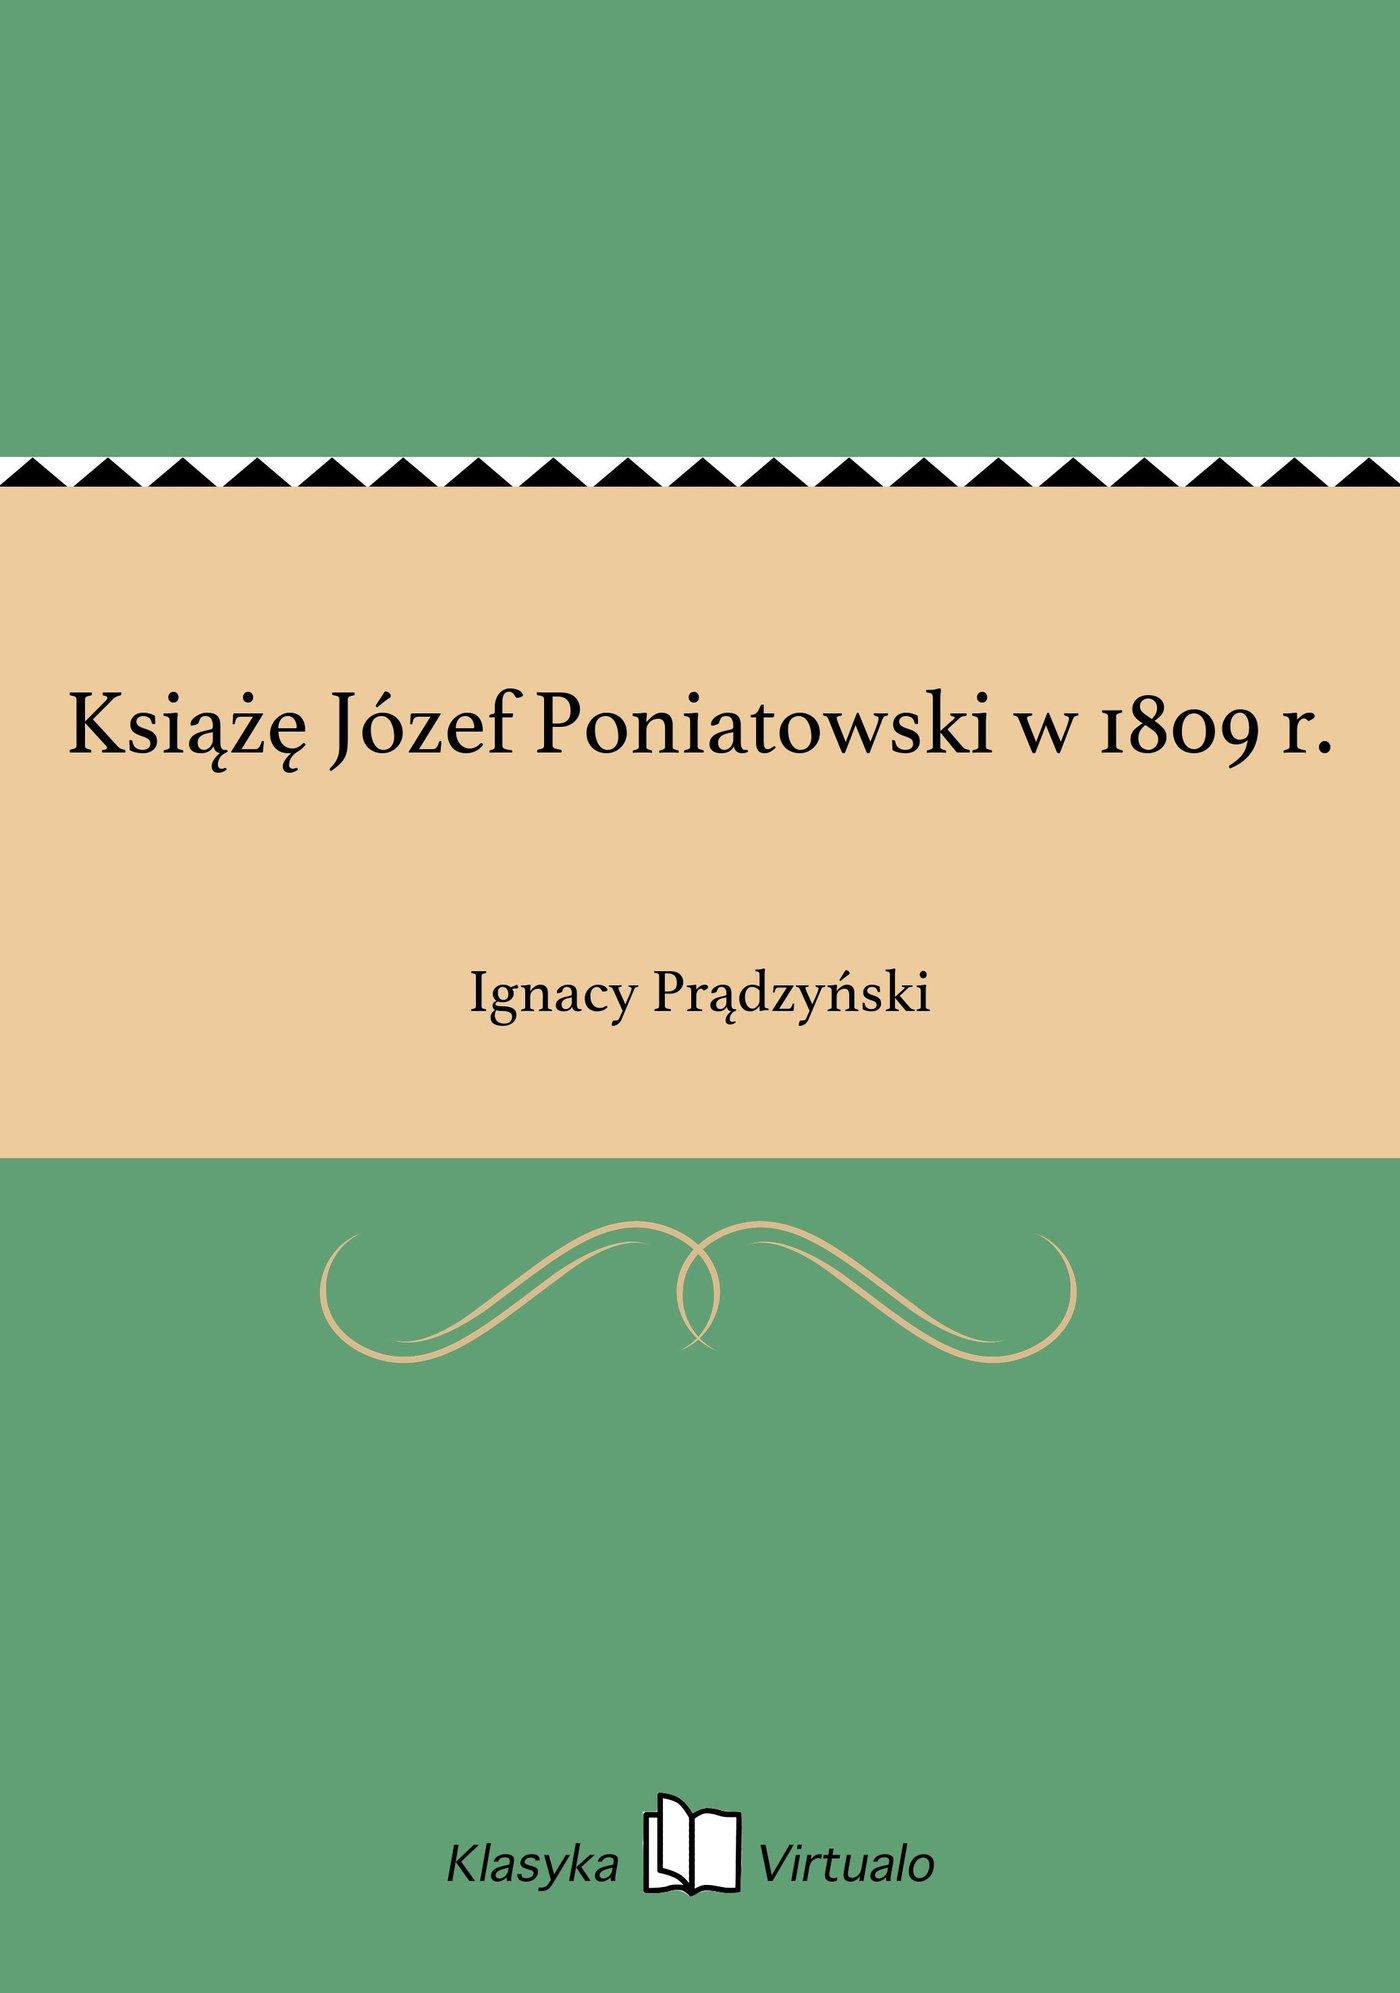 Książę Józef Poniatowski w 1809 r. - Ebook (Książka na Kindle) do pobrania w formacie MOBI